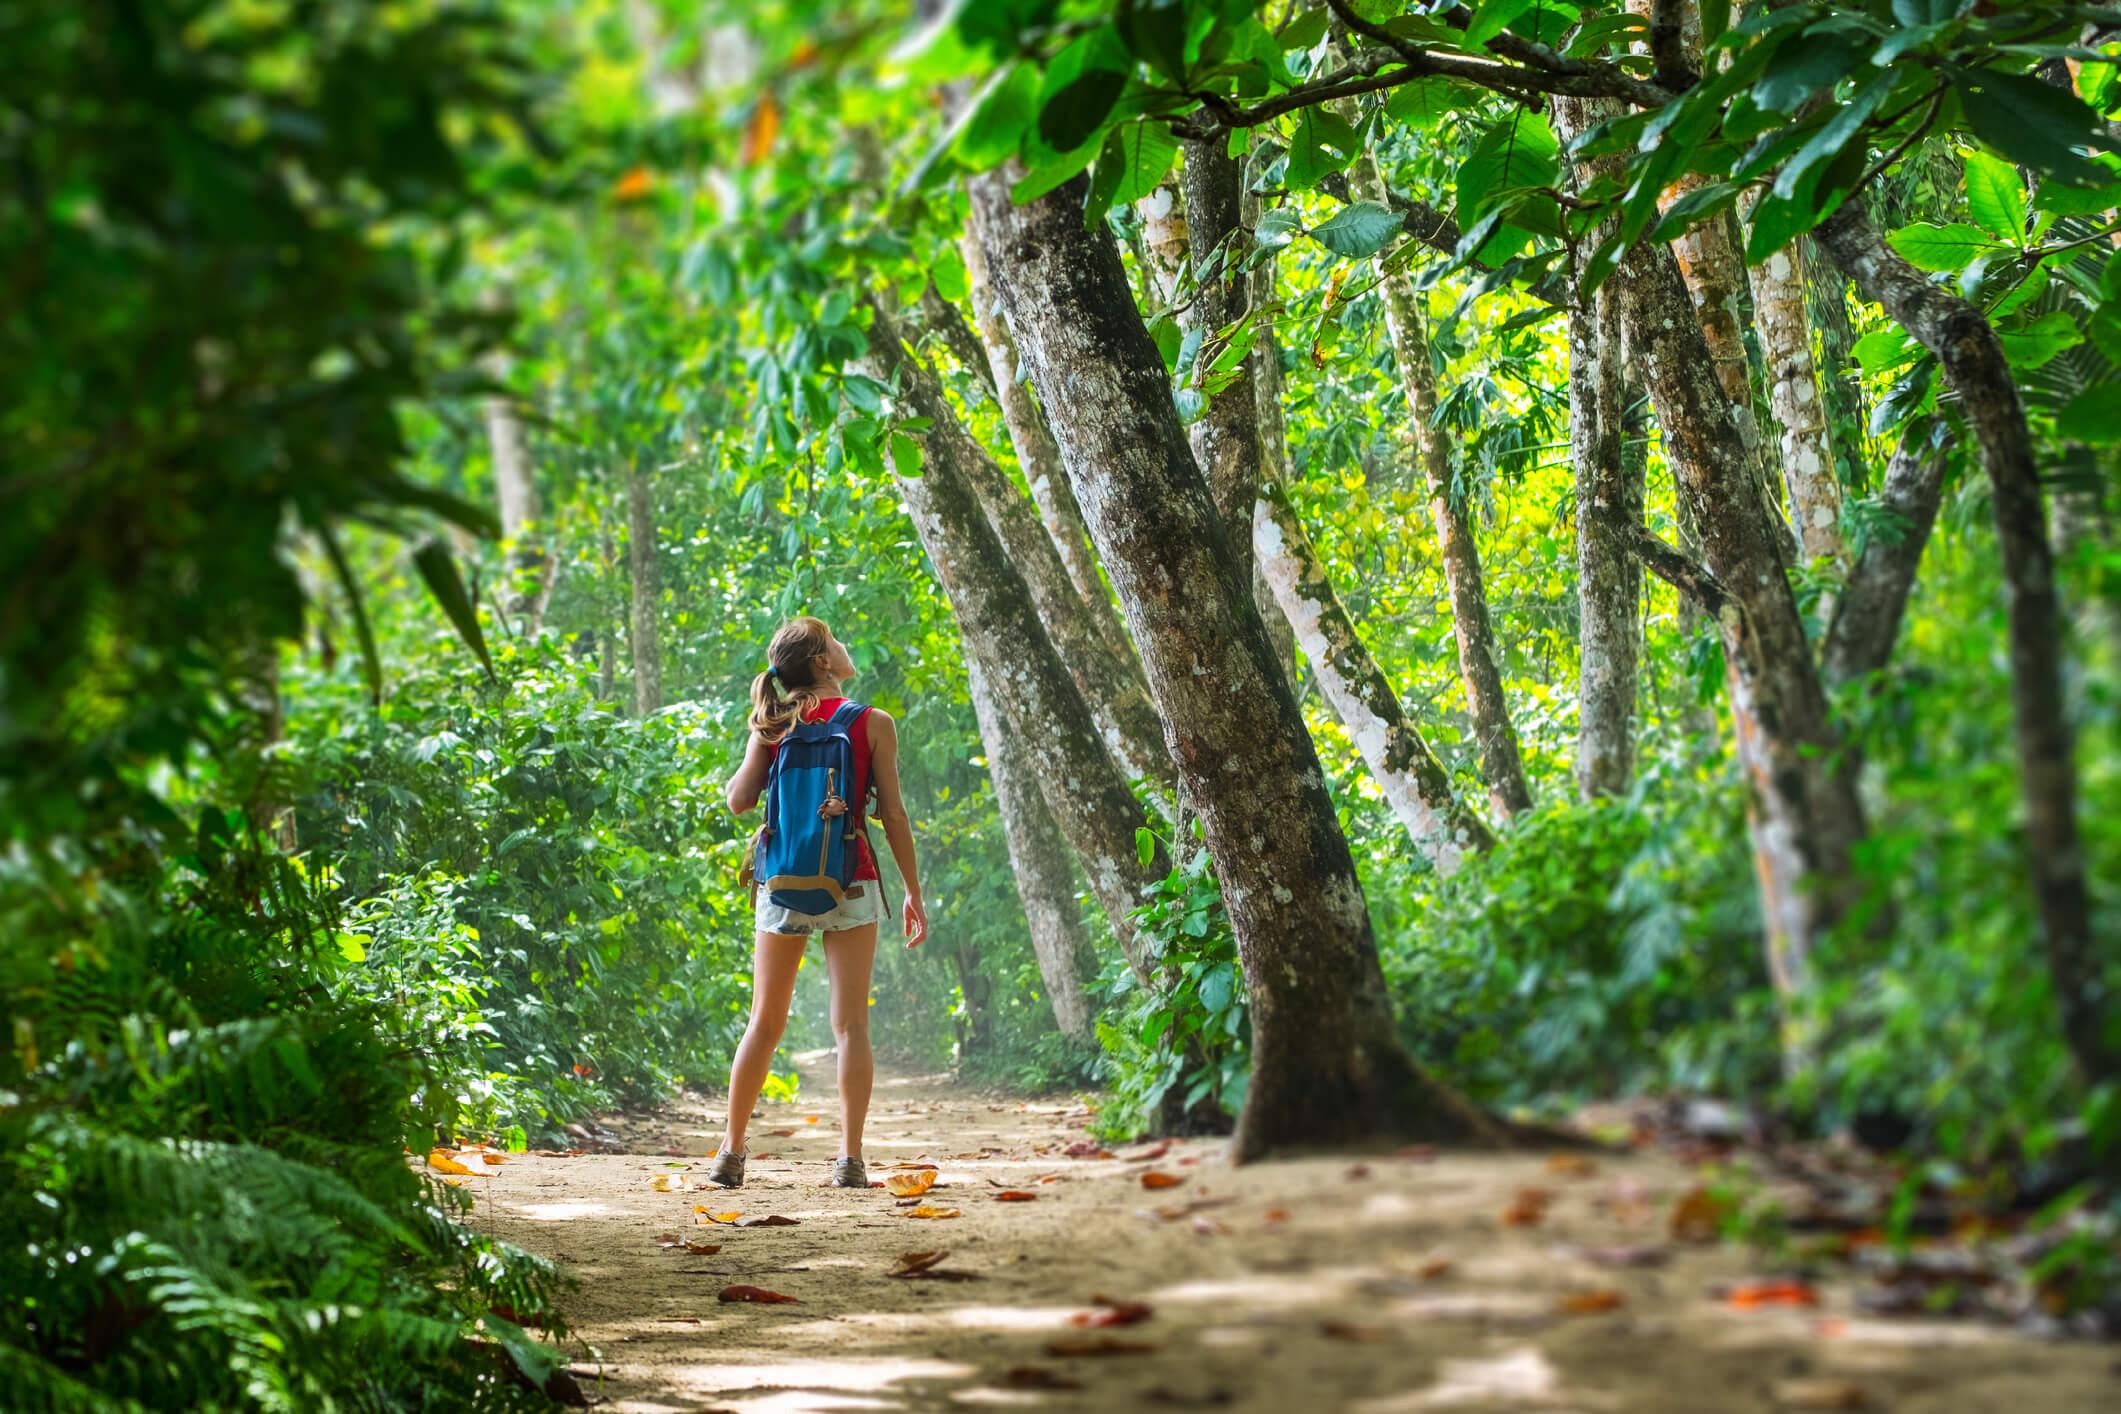 Junge Frau im Urlaub im Urwald von Costa Rica.